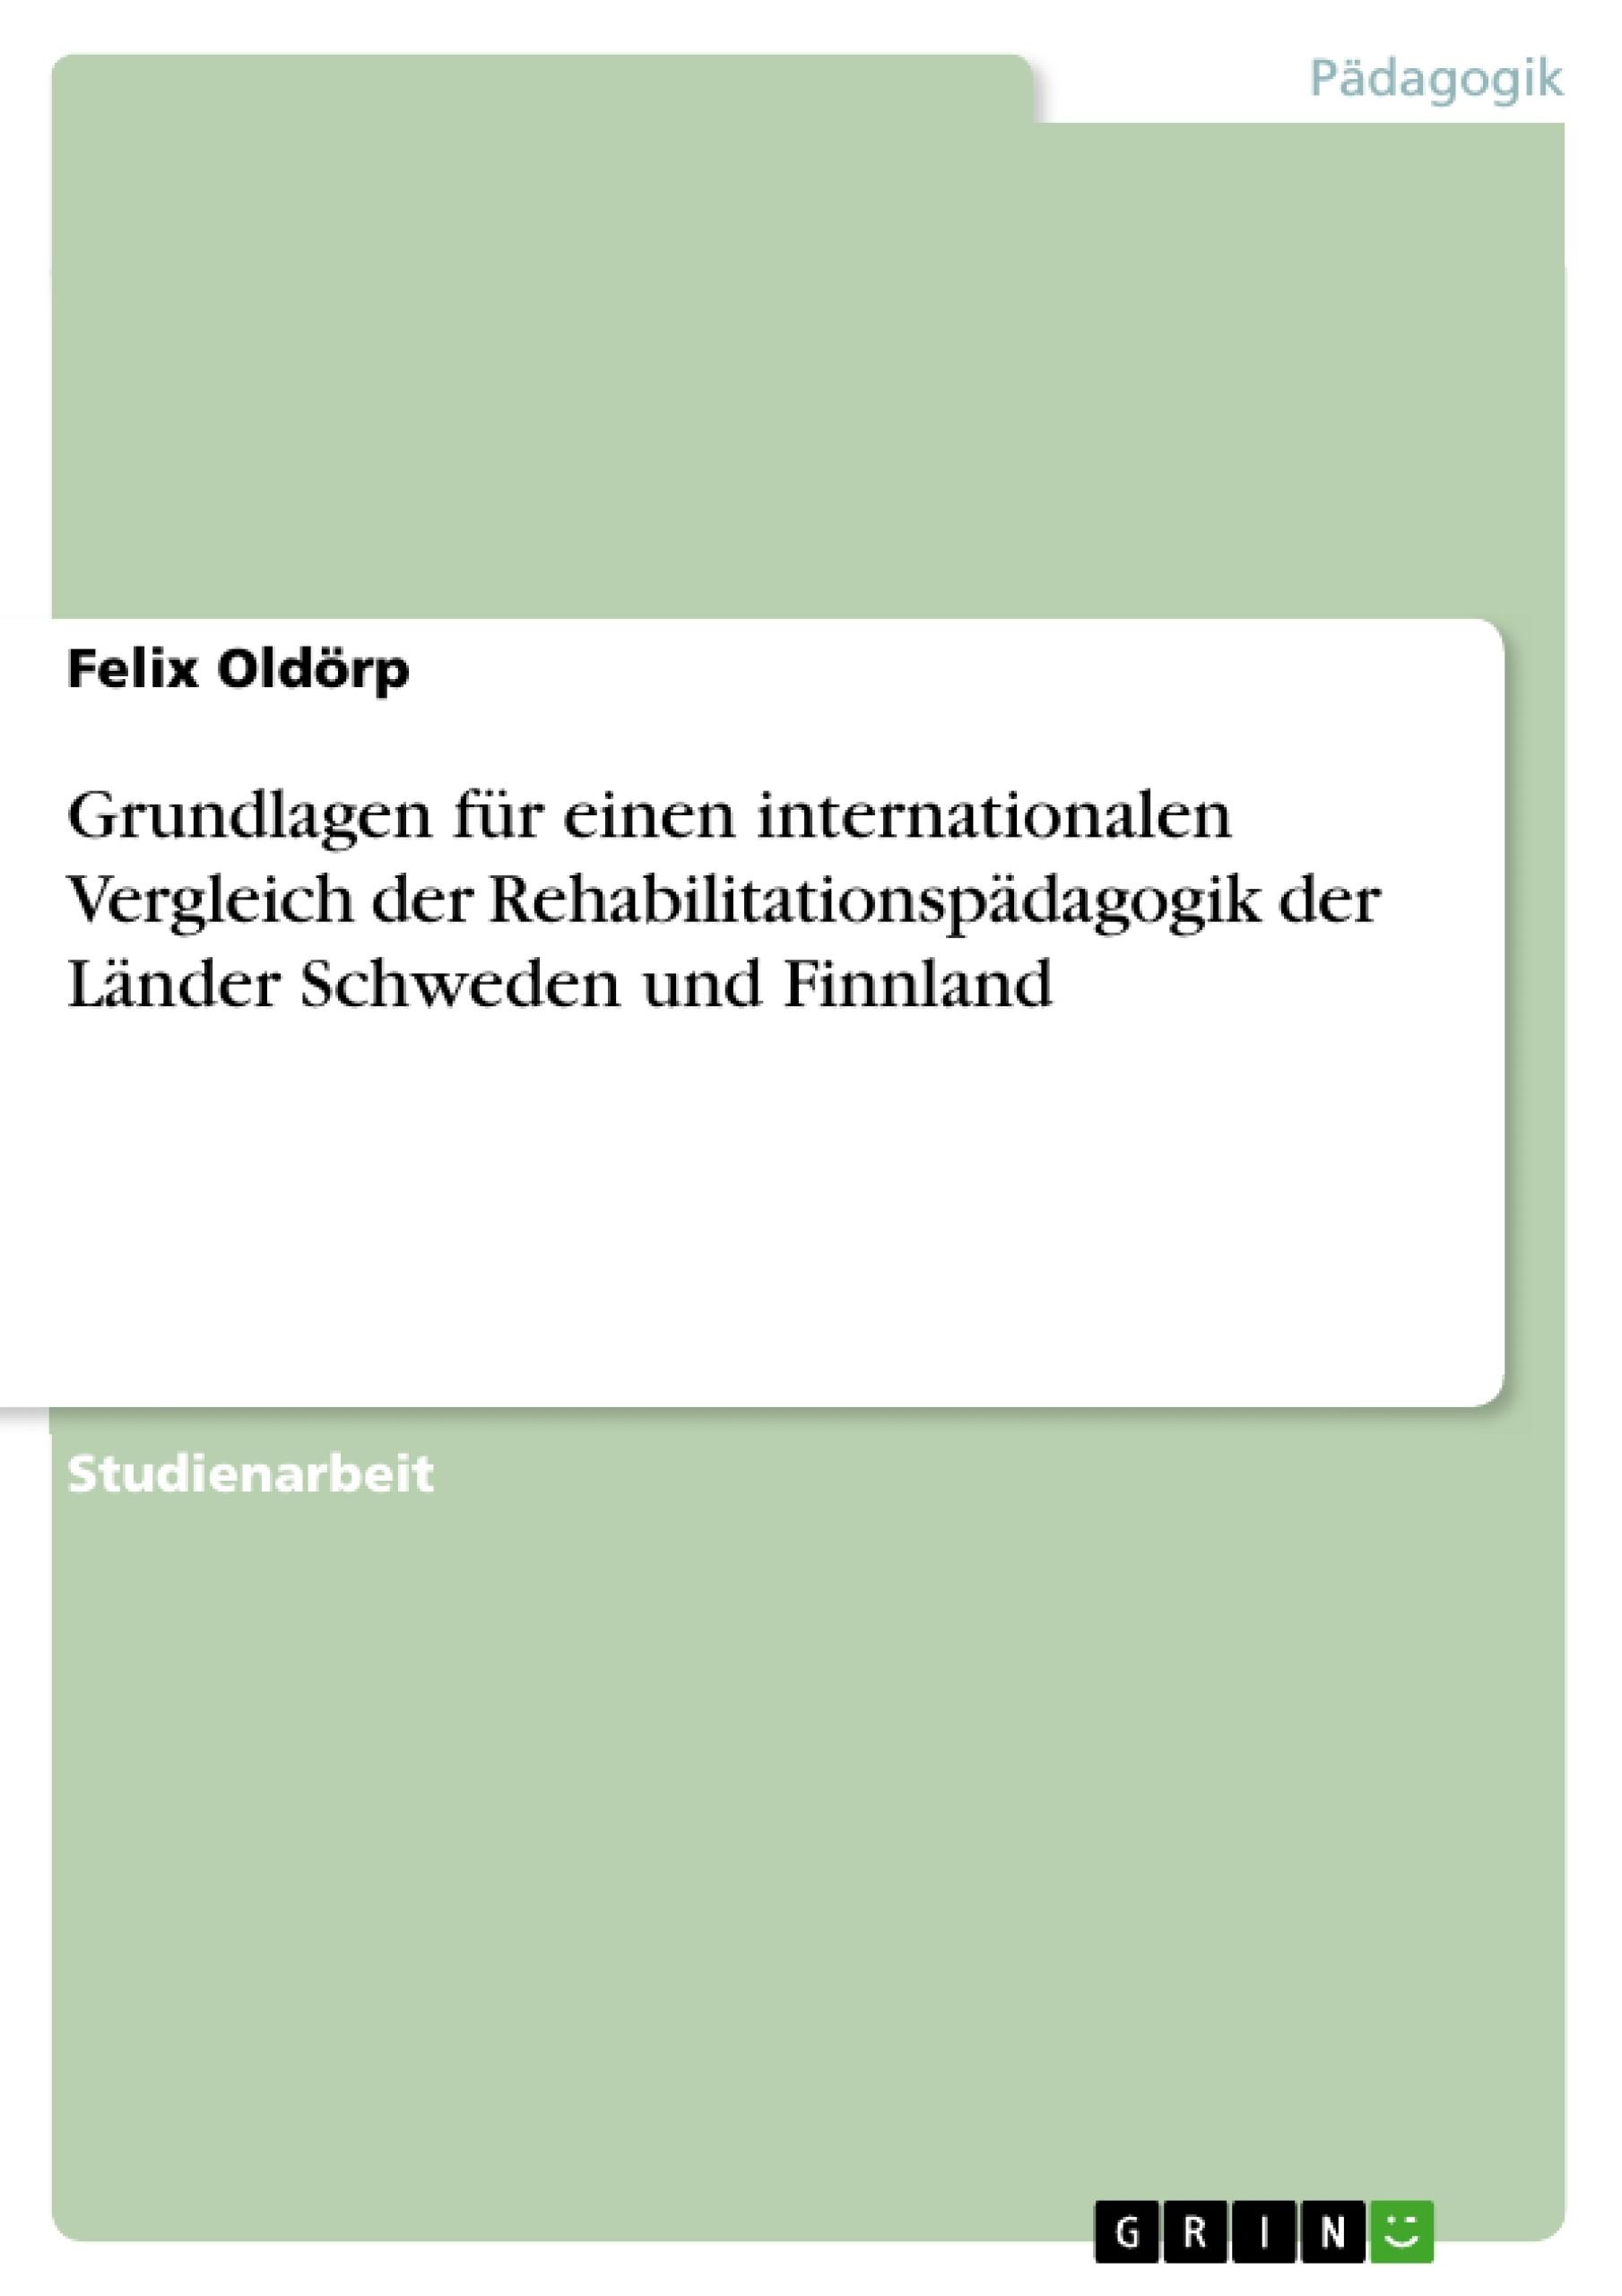 Titel: Grundlagen für einen internationalen Vergleich der Rehabilitationspädagogik der Länder Schweden und Finnland